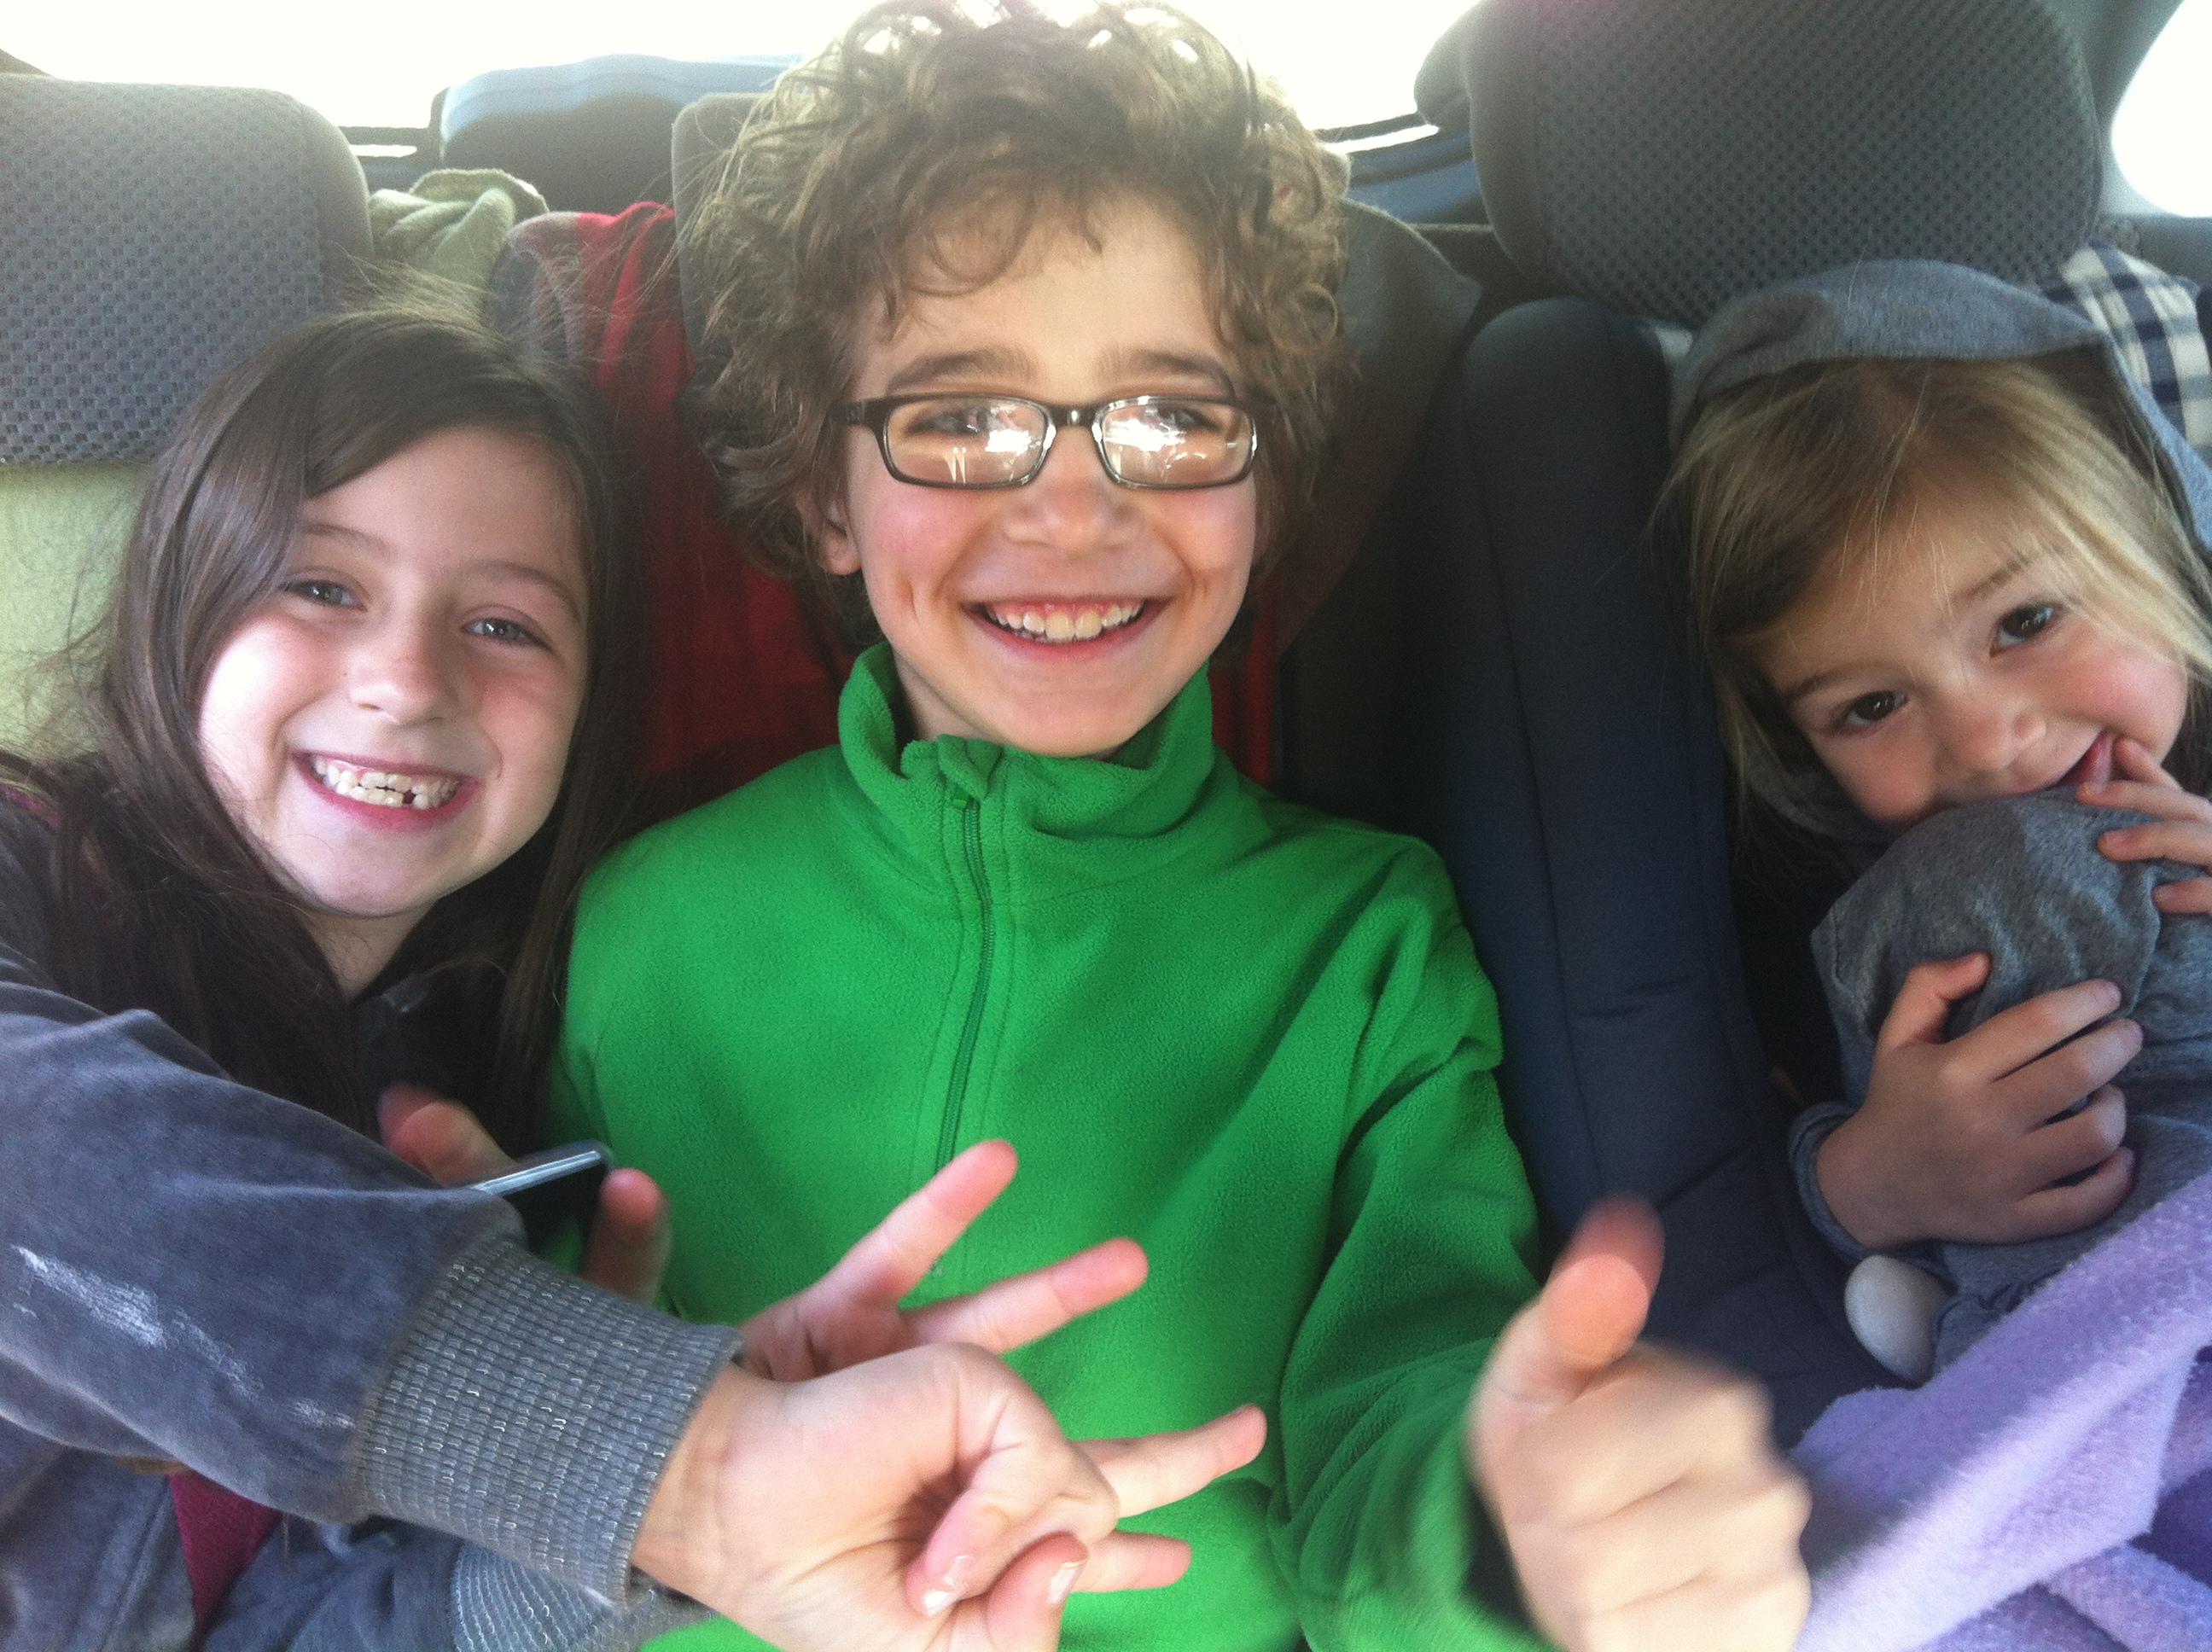 Passatempos para viajar de carro com crianças